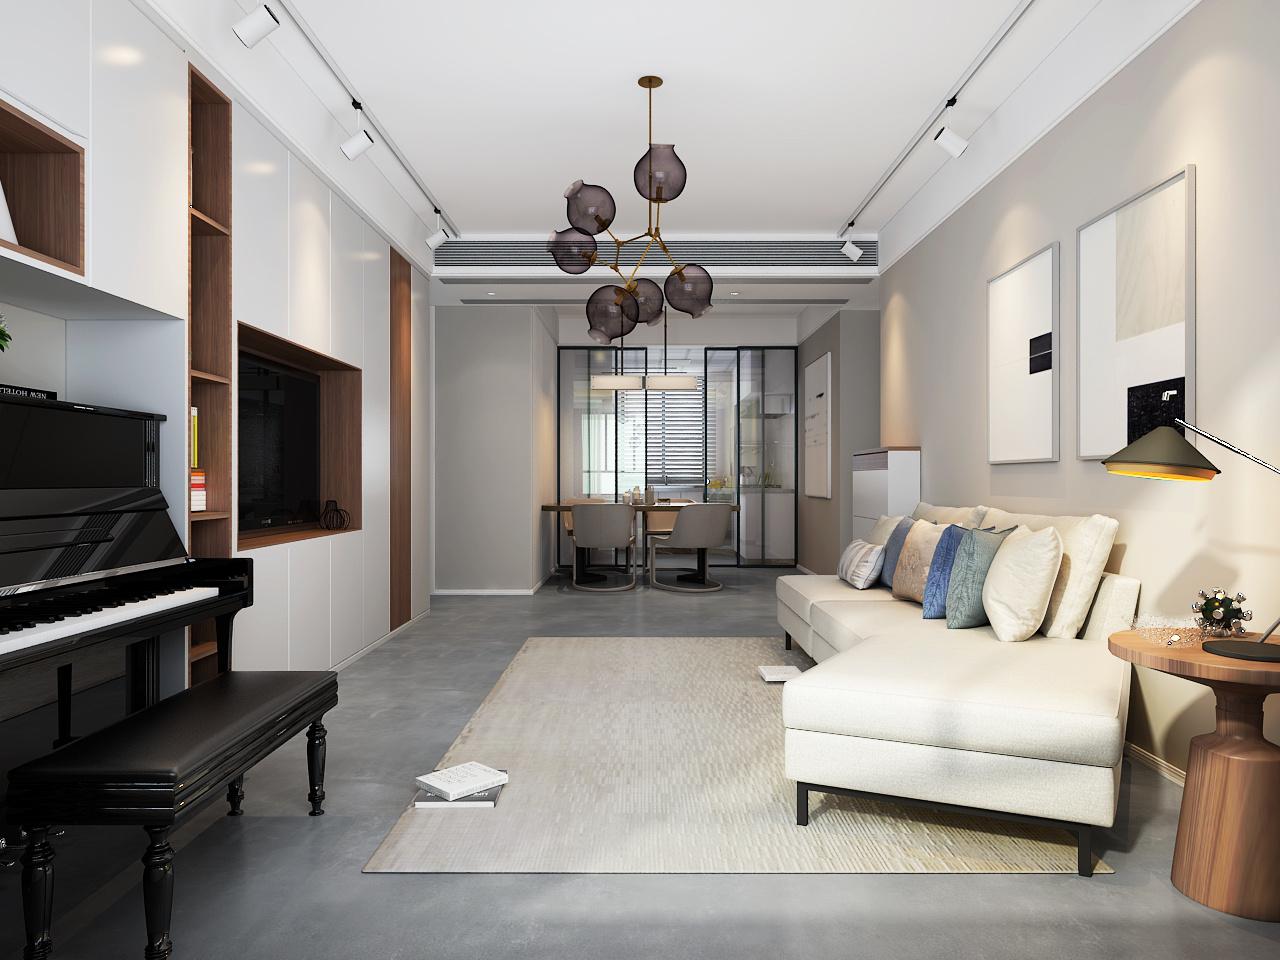 高级灰--2 空间 室内设计 zh设计 - 原创作品 - 站酷